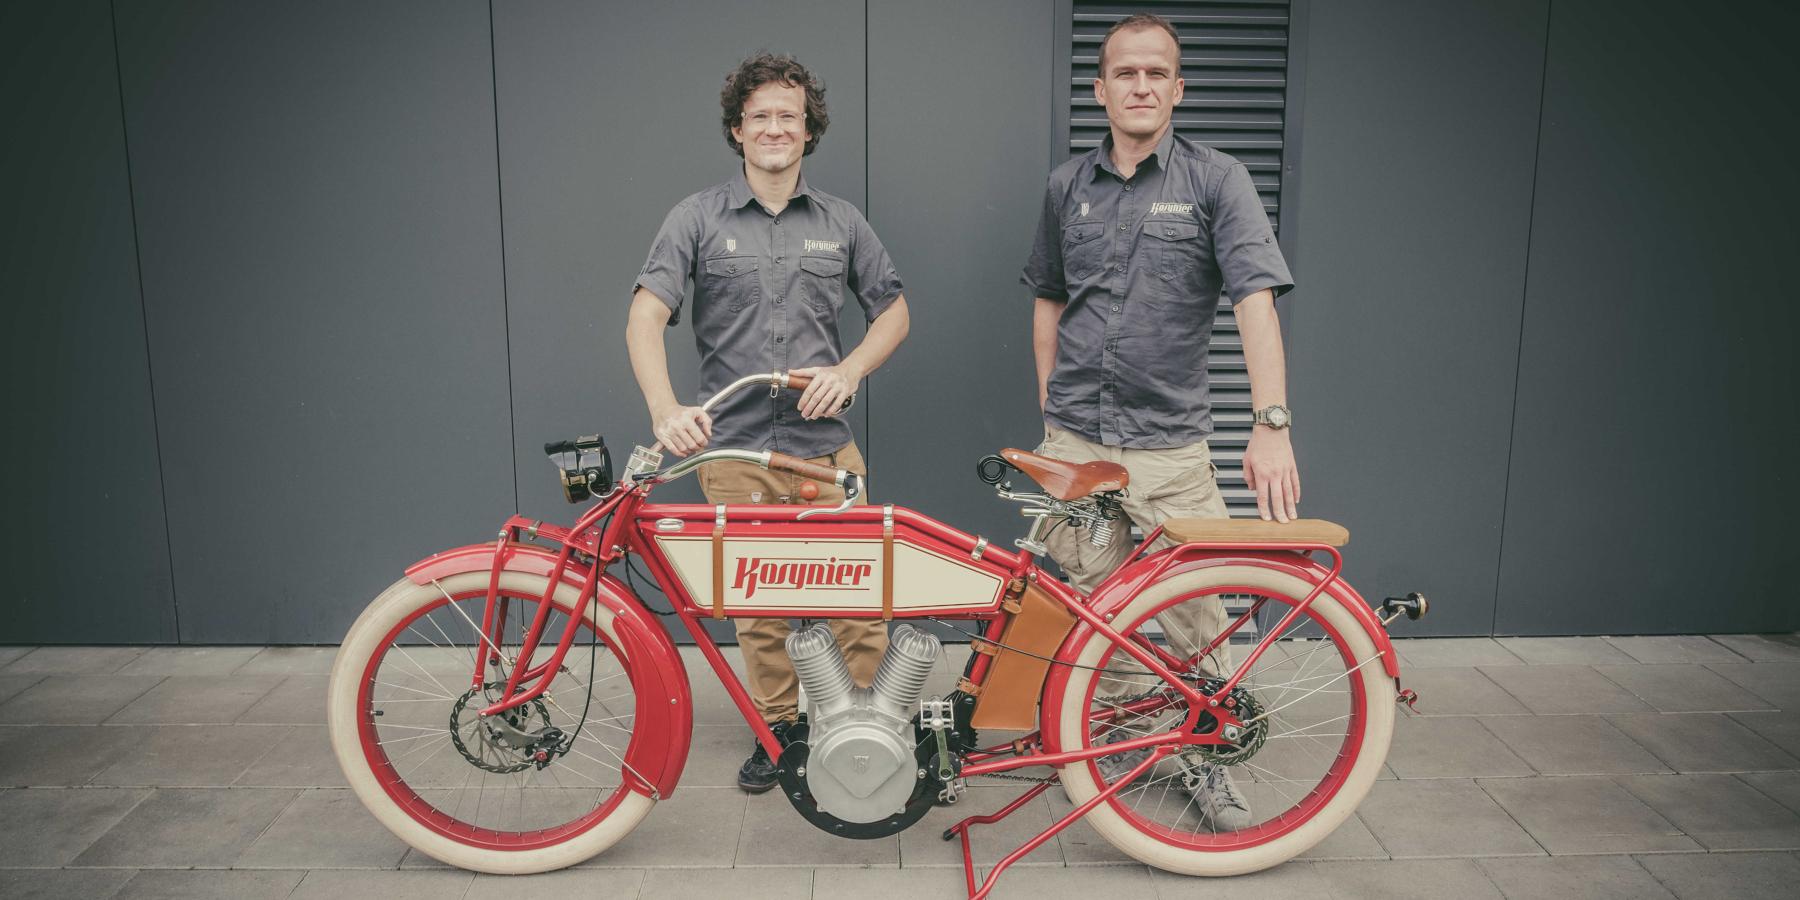 Tworzą unikatowe rowery elektryczne. Pierwsze egzemplarze dostarczą klientom wcałej Europie osobiście